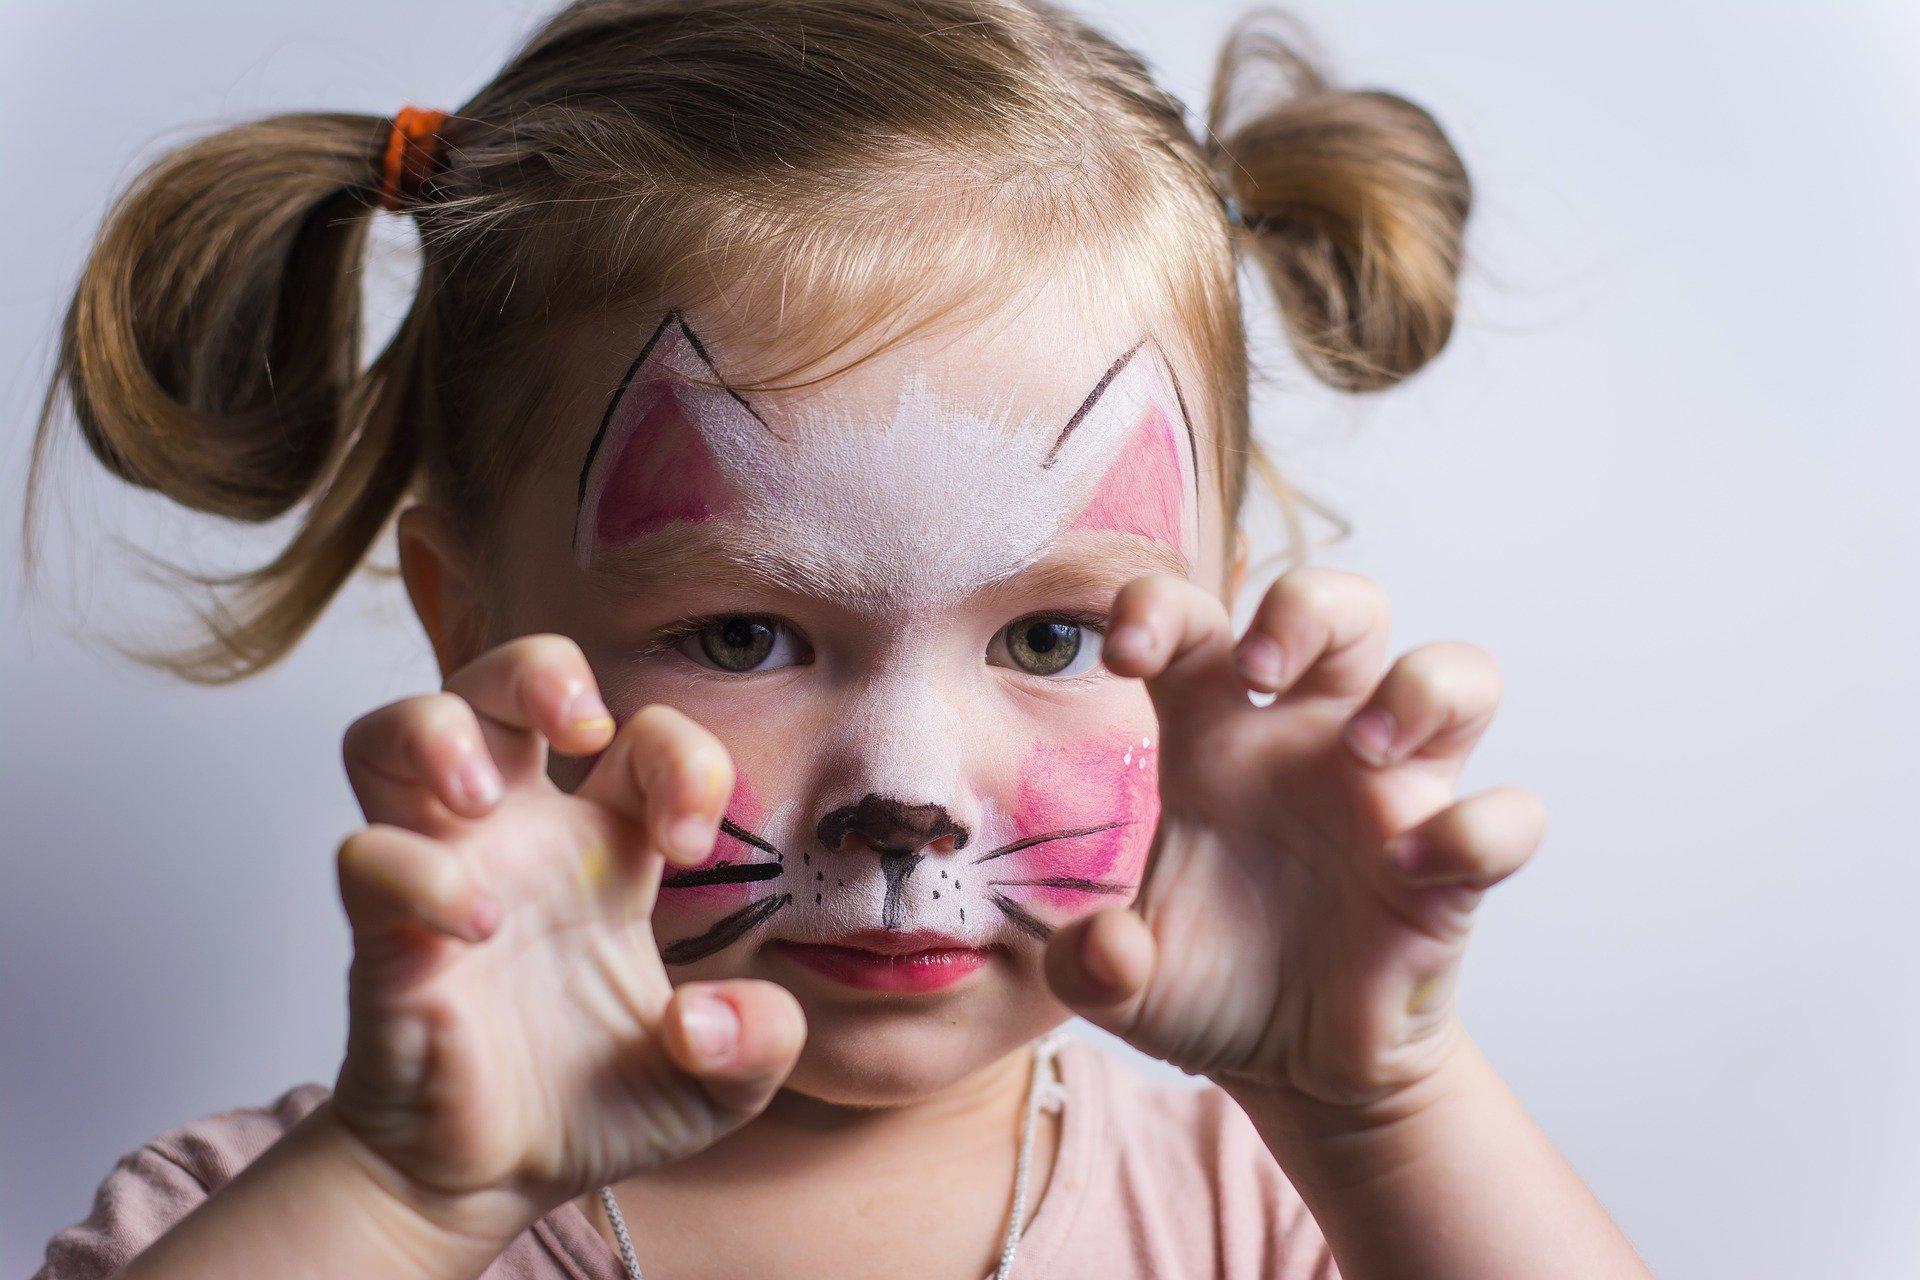 Trucco da gatto per bambini: ecco come realizzarlo